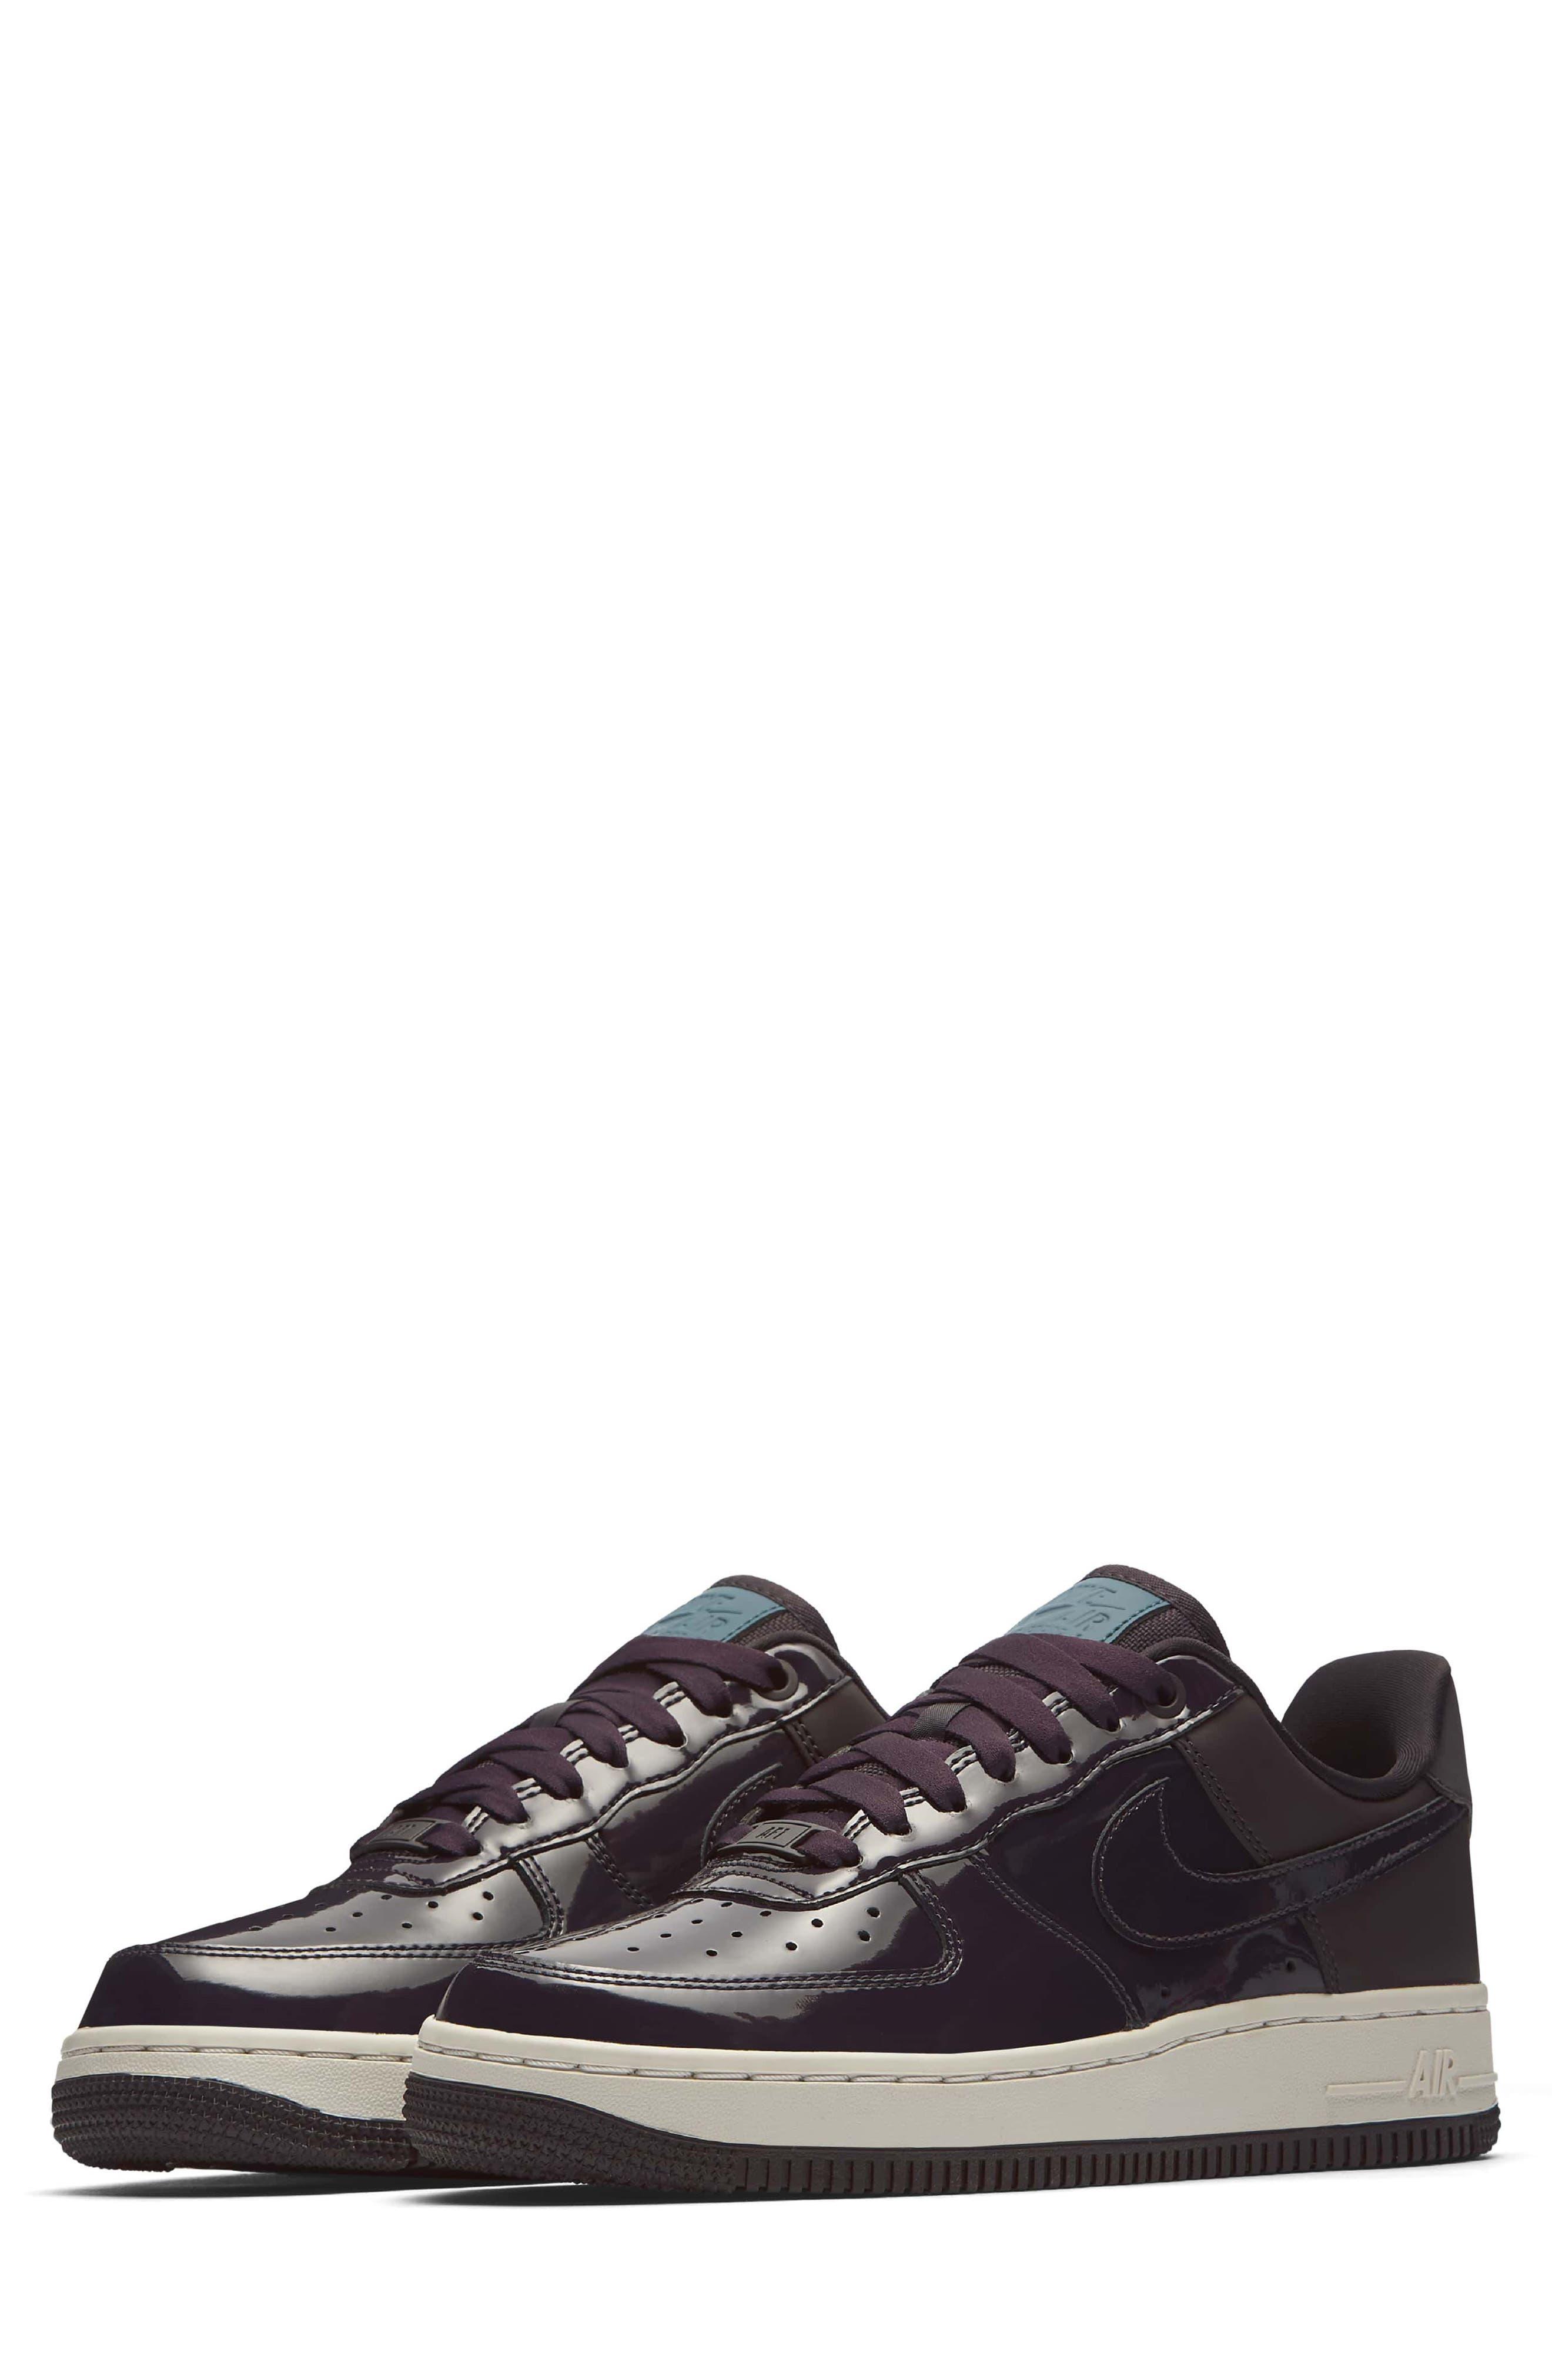 Alternate Image 1 Selected - Nike Air Force 1 '07 SE Premium Sneaker (Women)